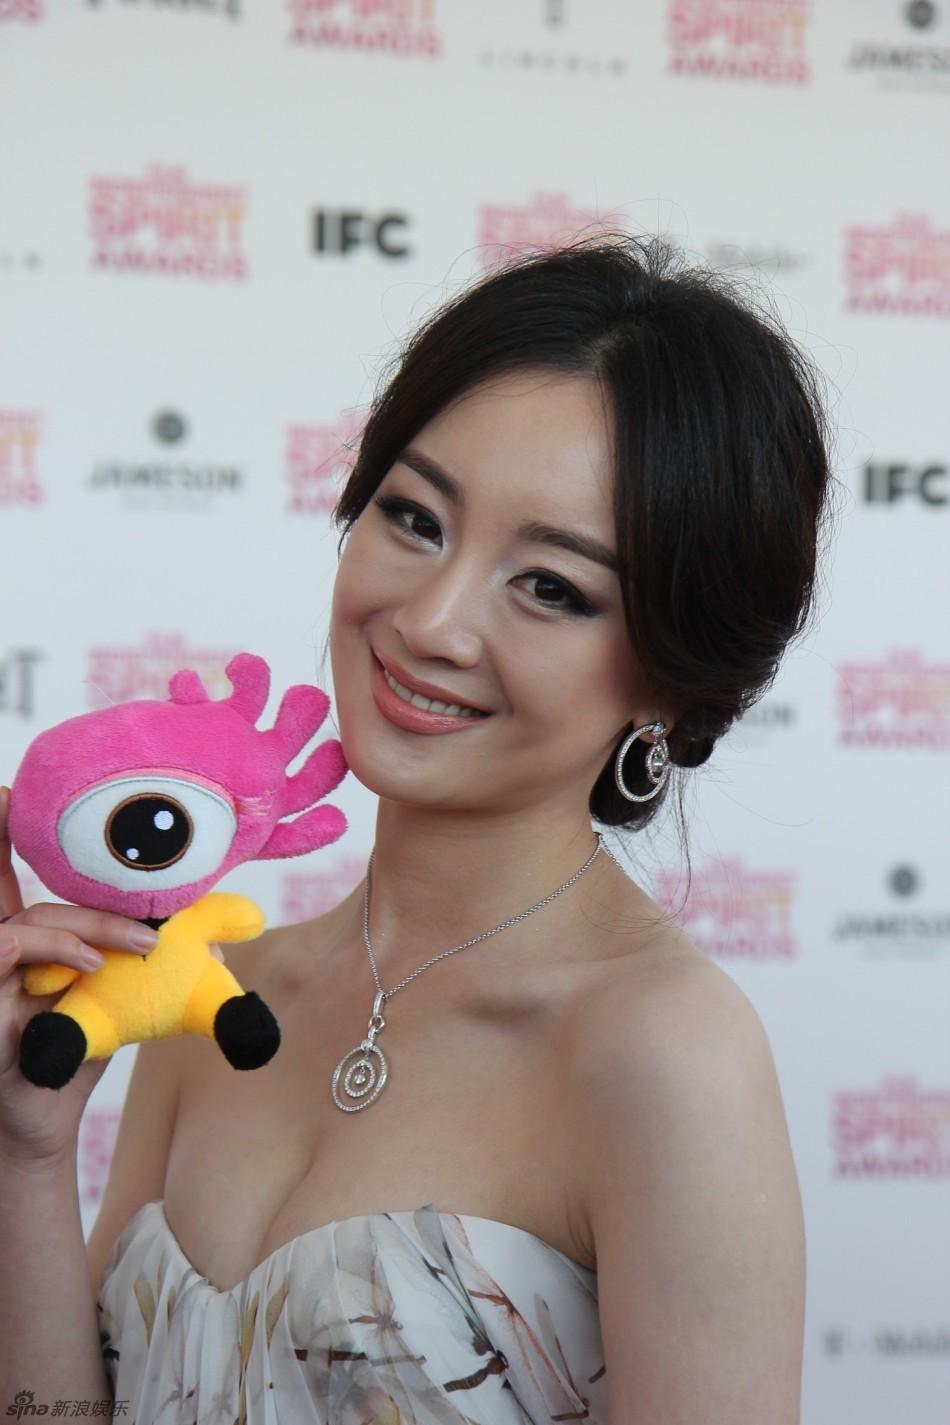 http://www.sinaimg.cn/dy/slidenews/4_img/2013_09/704_901320_788770.jpg